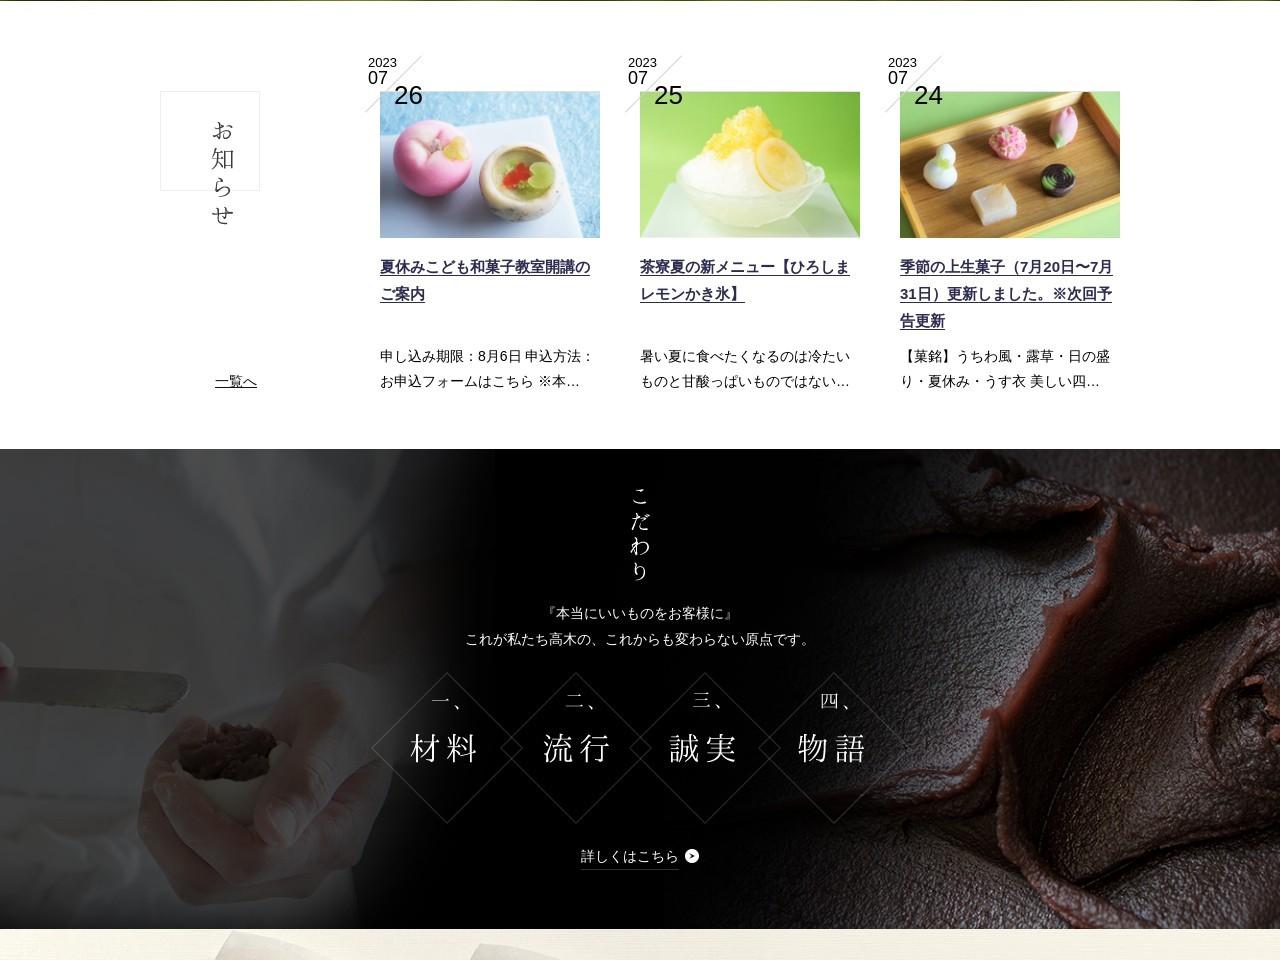 株式会社高木御菓子所/十日市本店